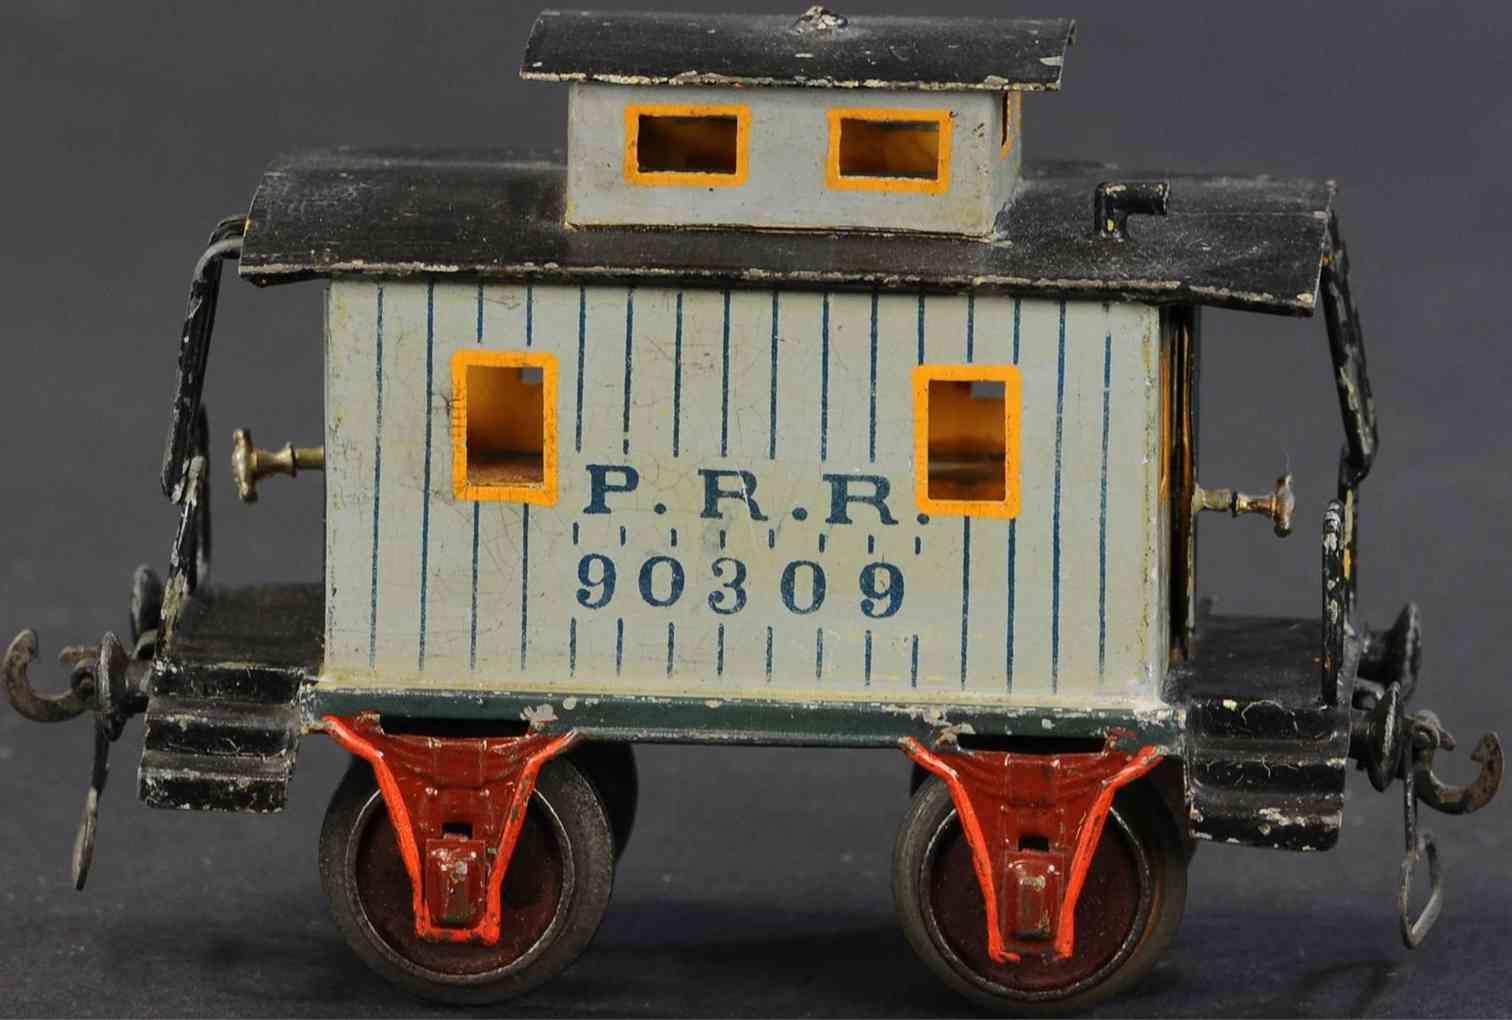 marklin 2955/1 railway toy caboose bluish-grey prr 90309 gauge 1